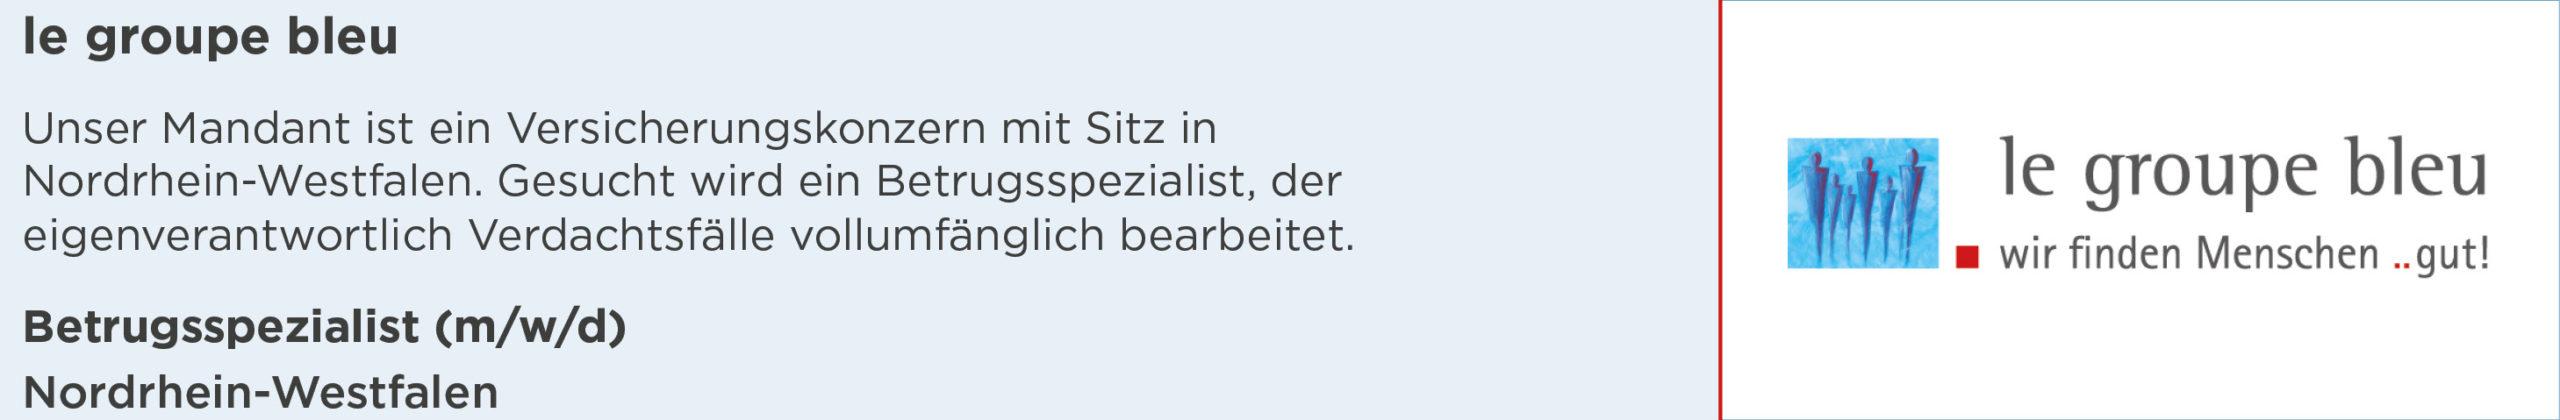 le groupe bleu, stellenanzeige, betrugsspezialist, köln, nordrhein-westfalen